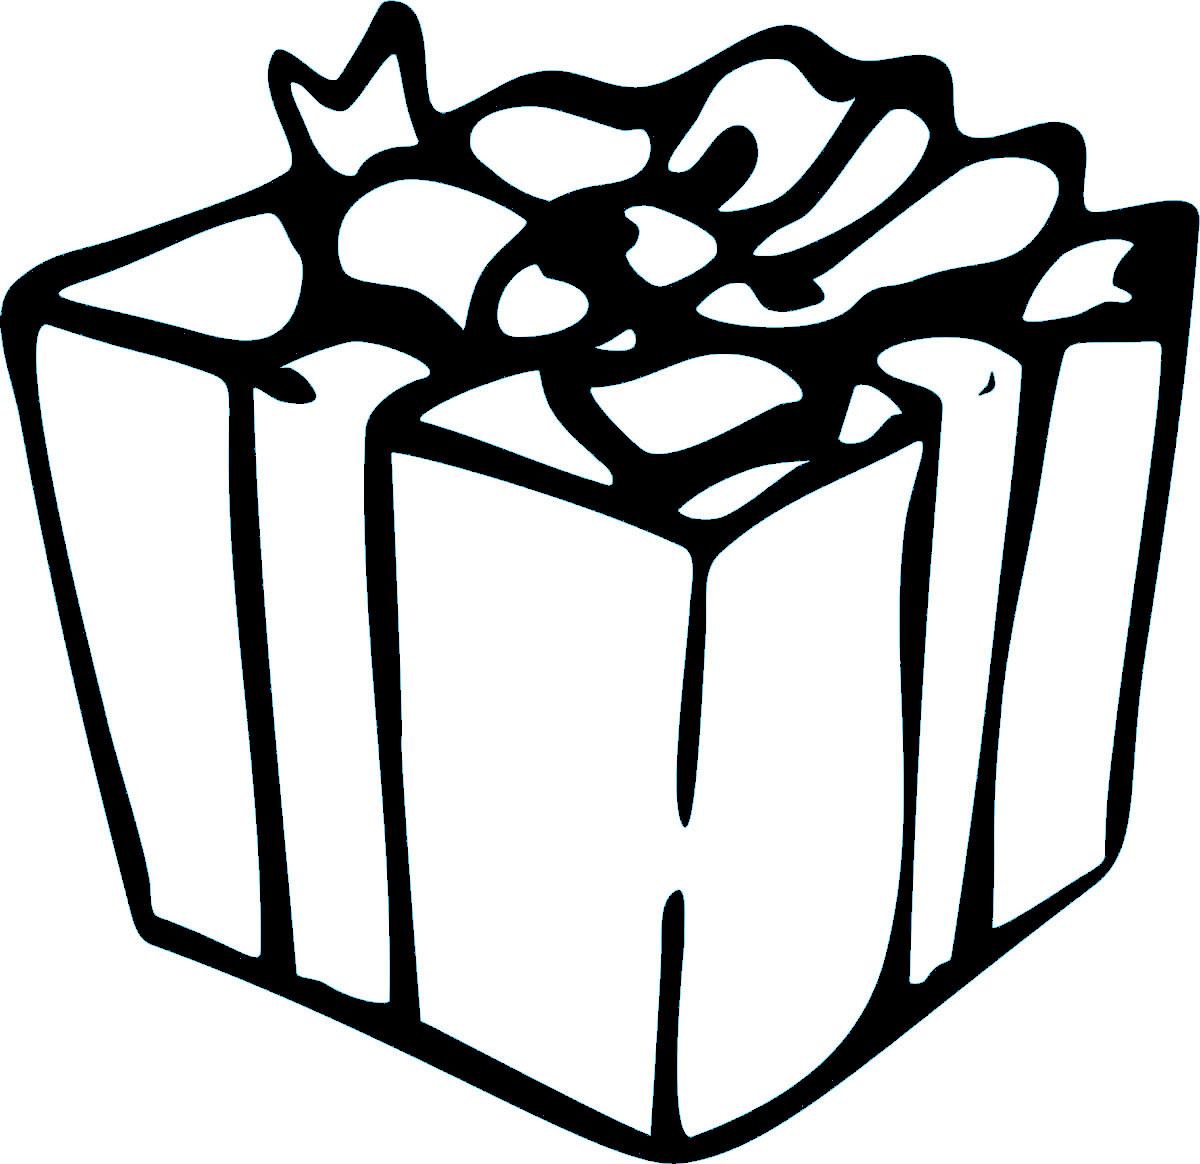 Наклейка автомобильная Оранжевый слоник Подарок в коробке, виниловая, цвет: черный150NG0007BОригинальная наклейка Оранжевый слоник Подарок в коробке изготовлена из высококачественной виниловой пленки, которая выполняет не только декоративную функцию, но и защищает кузов автомобиля от небольших механических повреждений, либо скрывает уже существующие.Виниловые наклейки на автомобиль - это не только красиво, но еще и быстро! Всего за несколько минут вы можете полностью преобразить свой автомобиль, сделать его ярким, необычным, особенным и неповторимым!